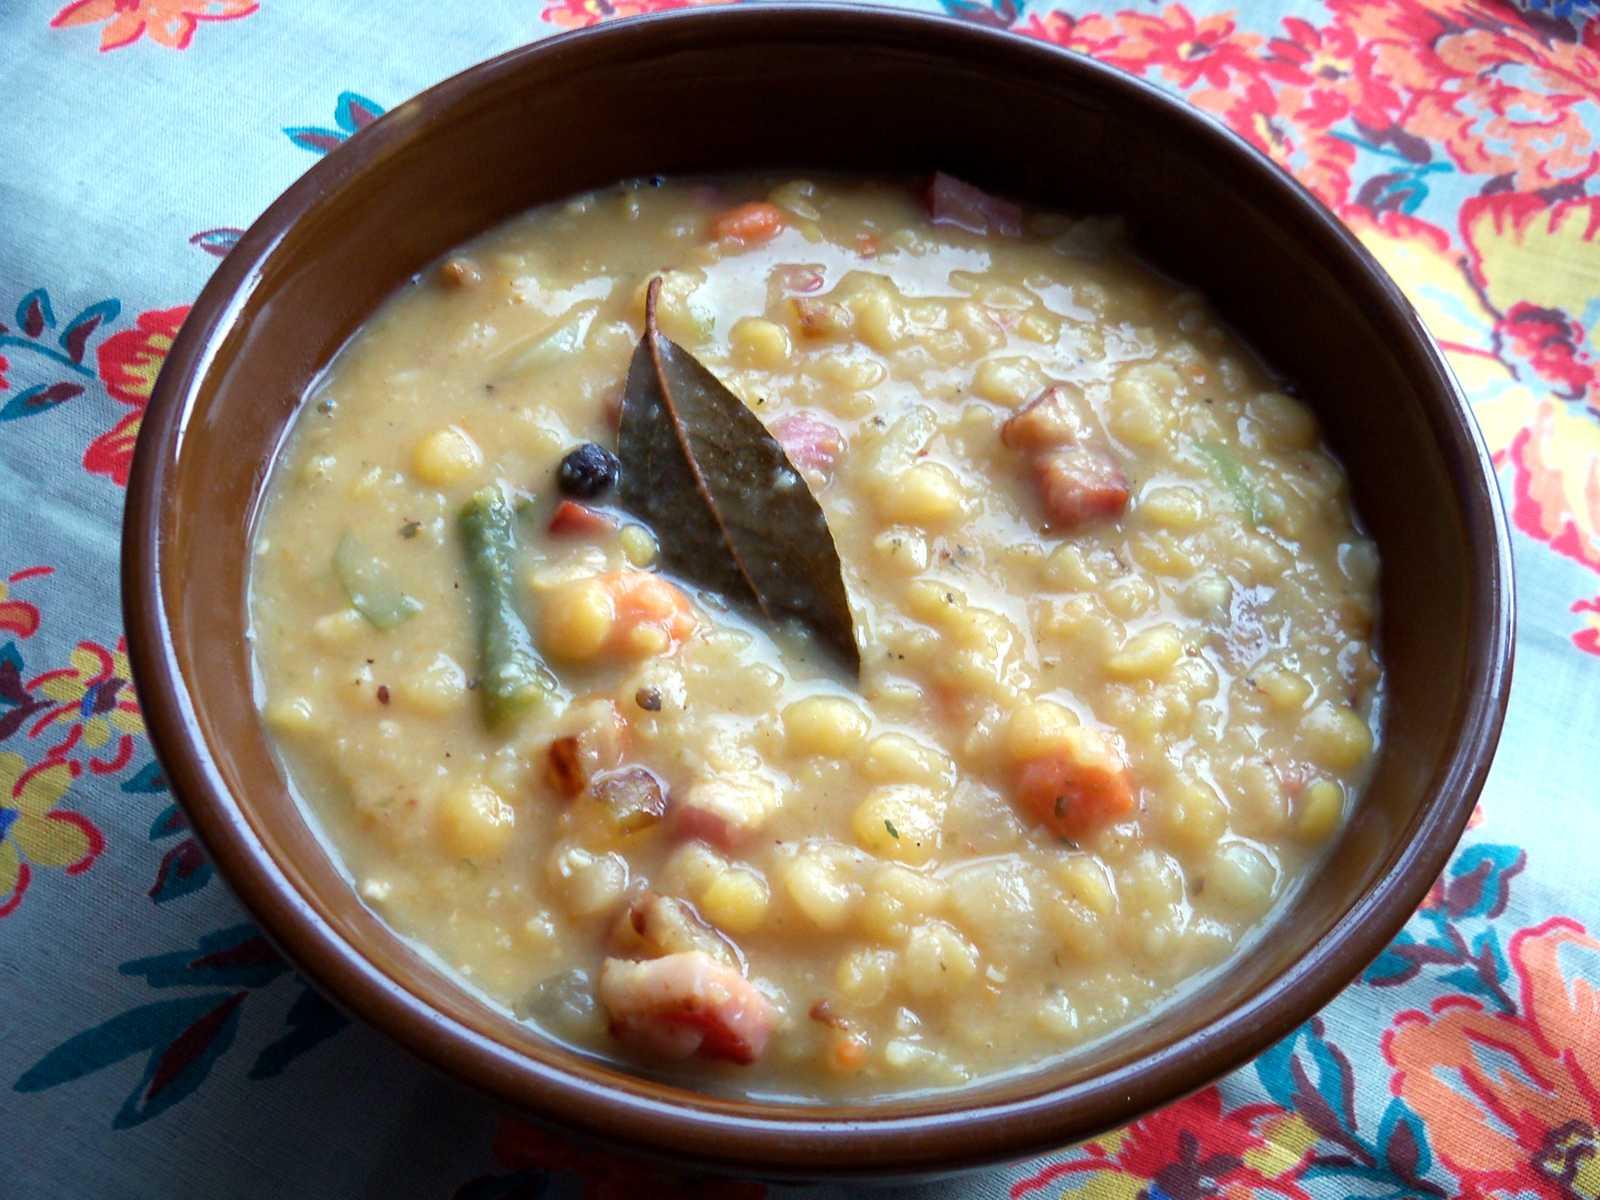 Grochówka —zupa grochowa